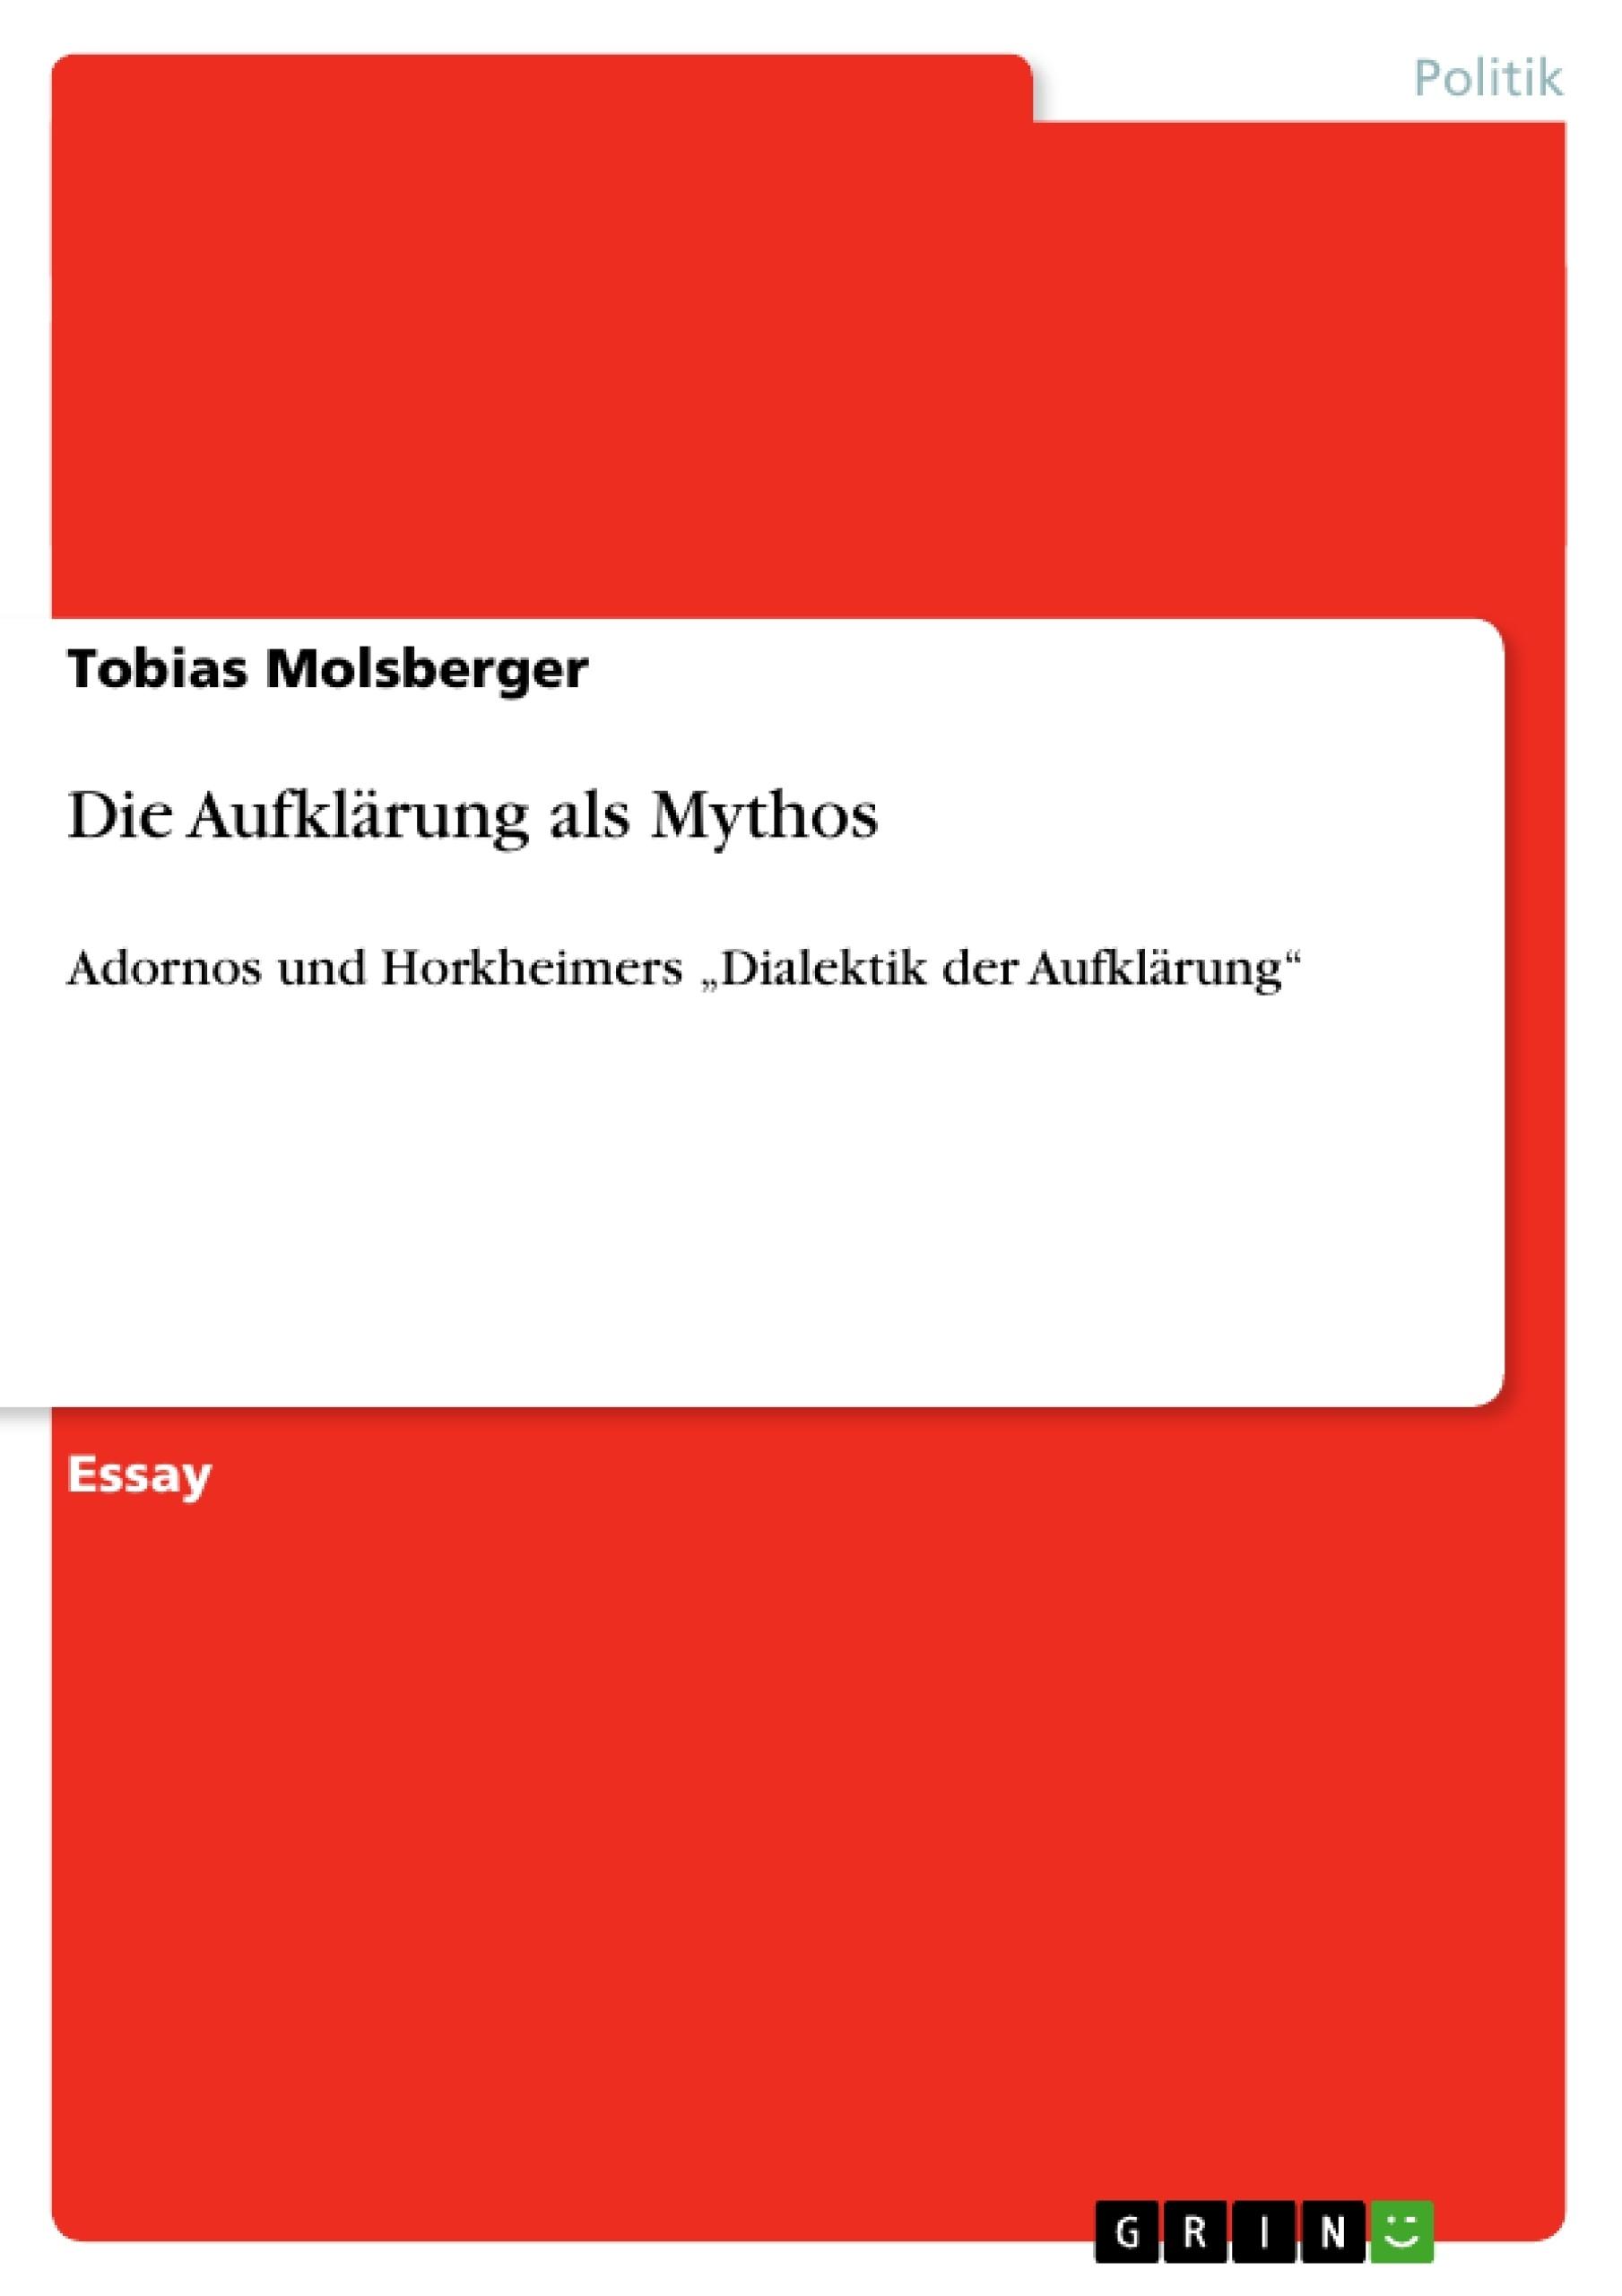 Titel: Die Aufklärung als Mythos